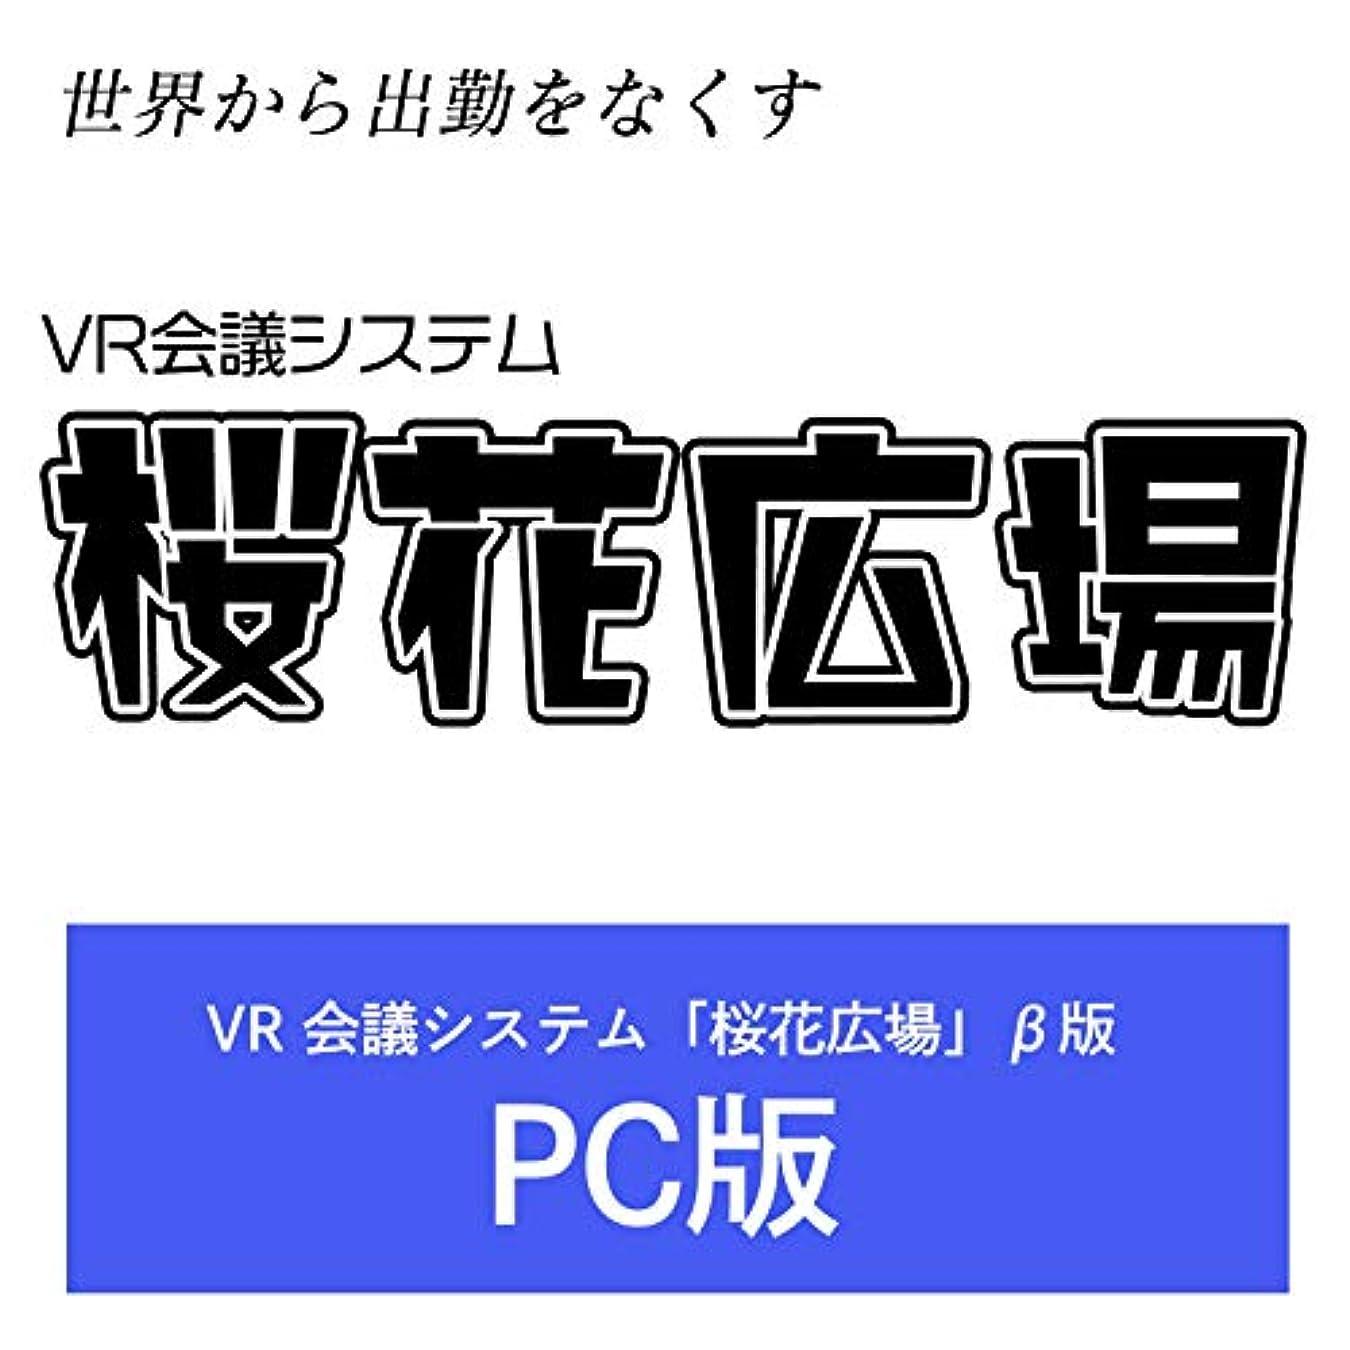 ハング病な子犬桜花広場 PC Windows版|ダウンロード版